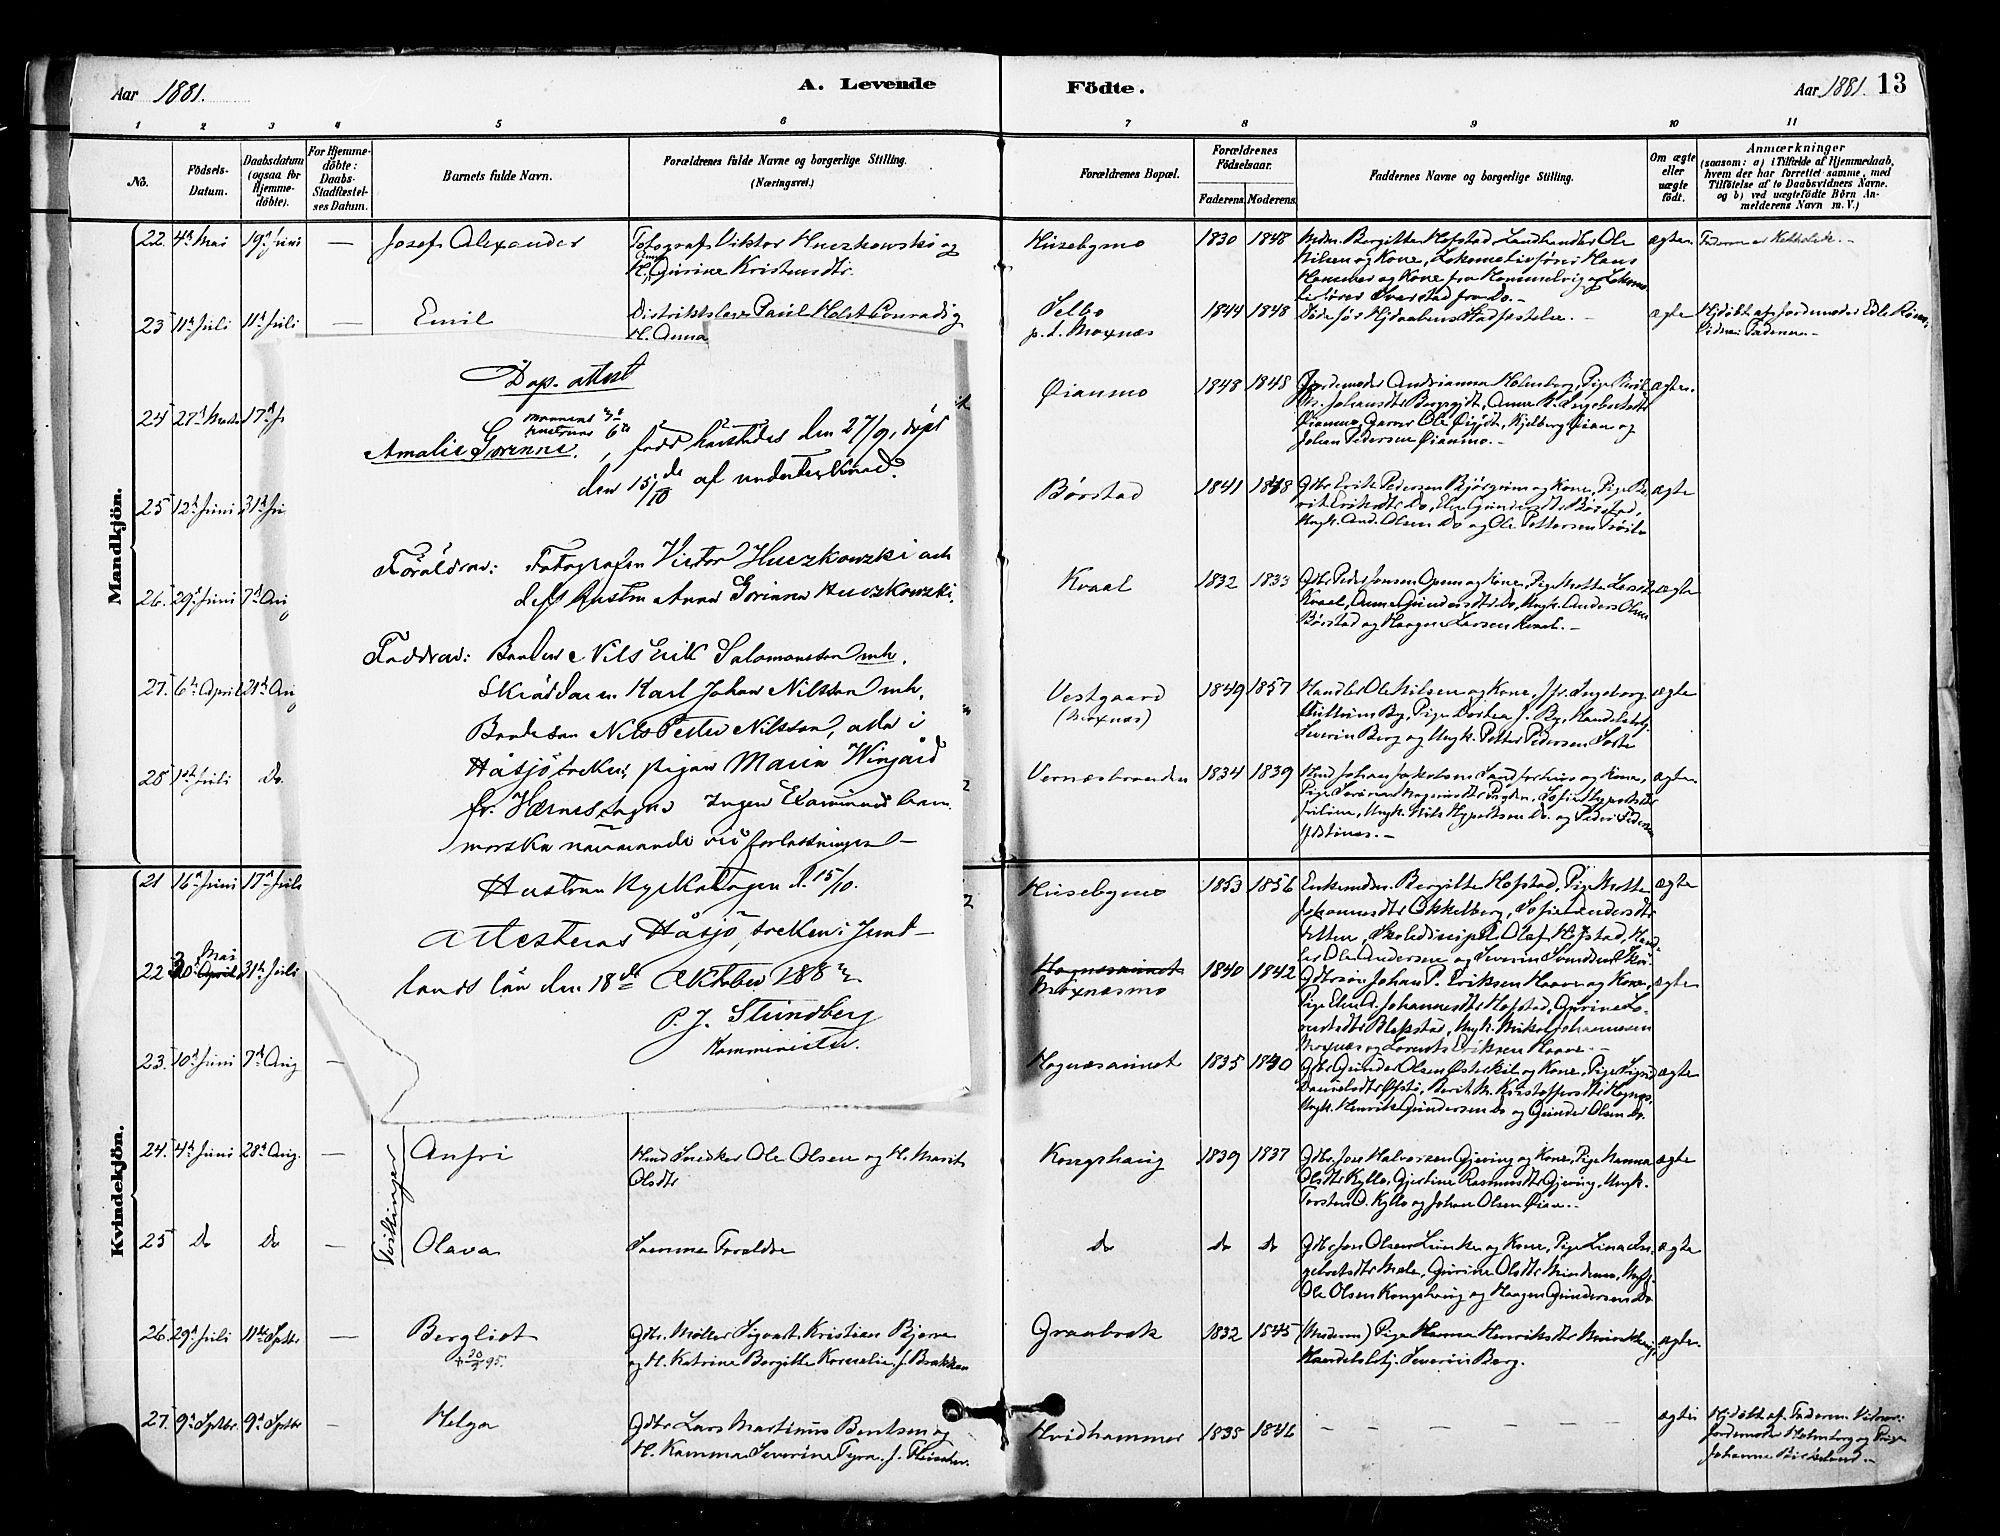 SAT, Ministerialprotokoller, klokkerbøker og fødselsregistre - Nord-Trøndelag, 709/L0077: Ministerialbok nr. 709A17, 1880-1895, s. 13